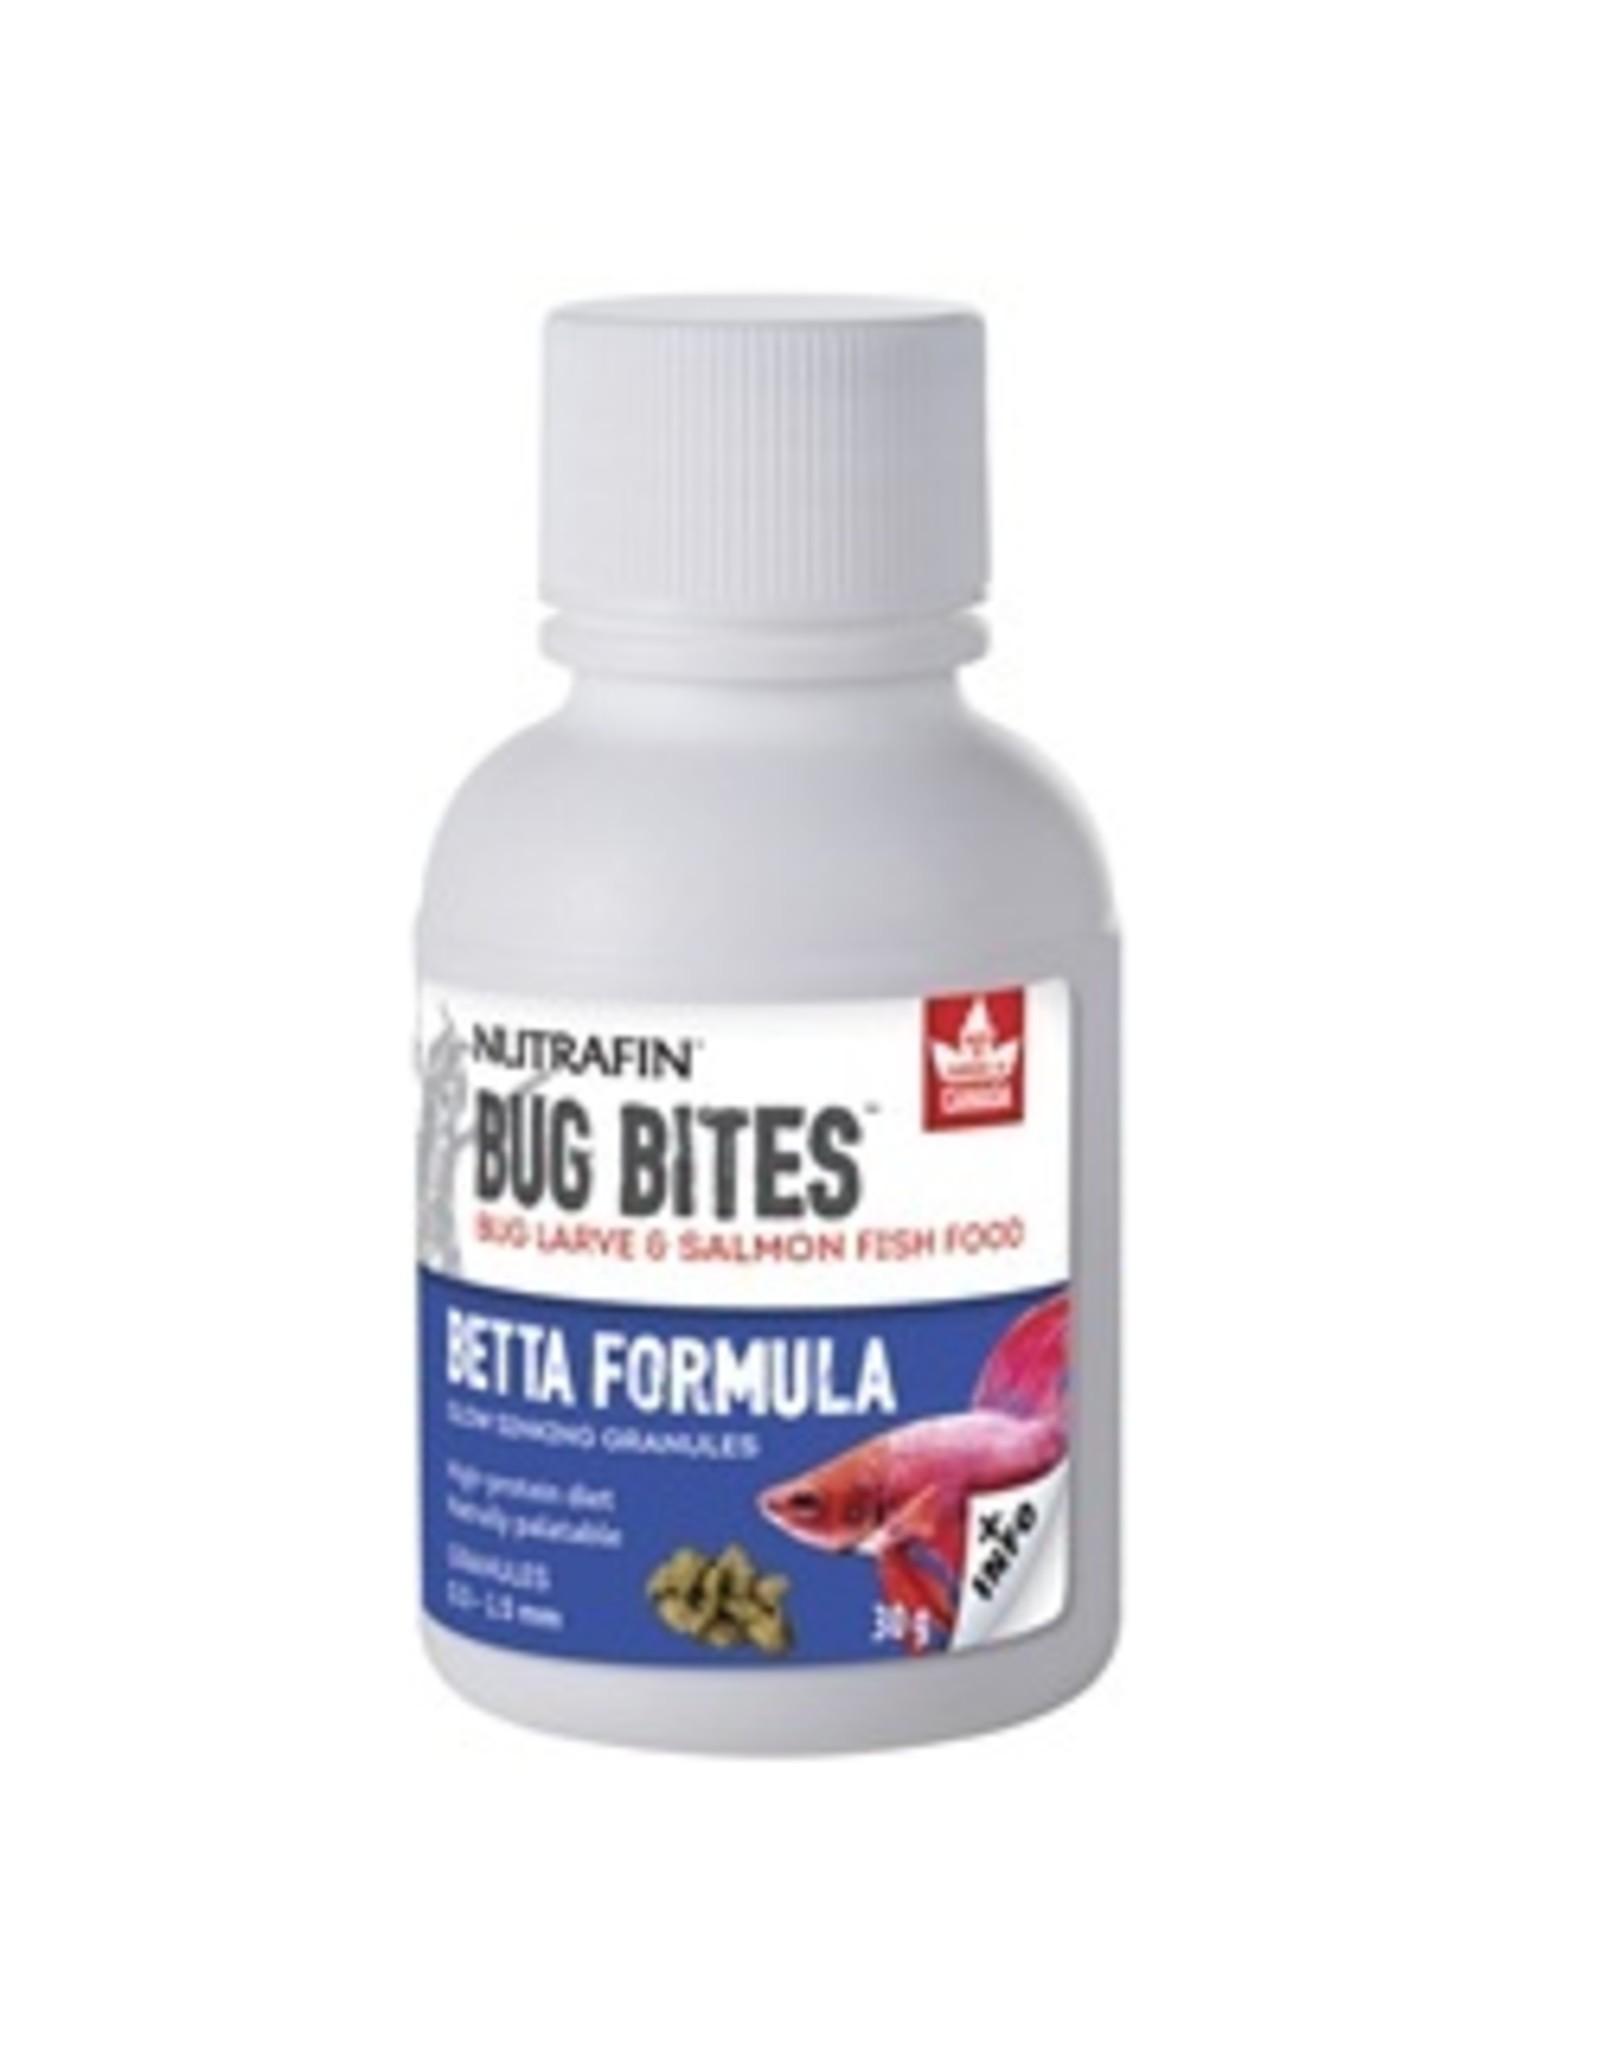 FL - Fluval Fluval Bug Bites Betta 30g